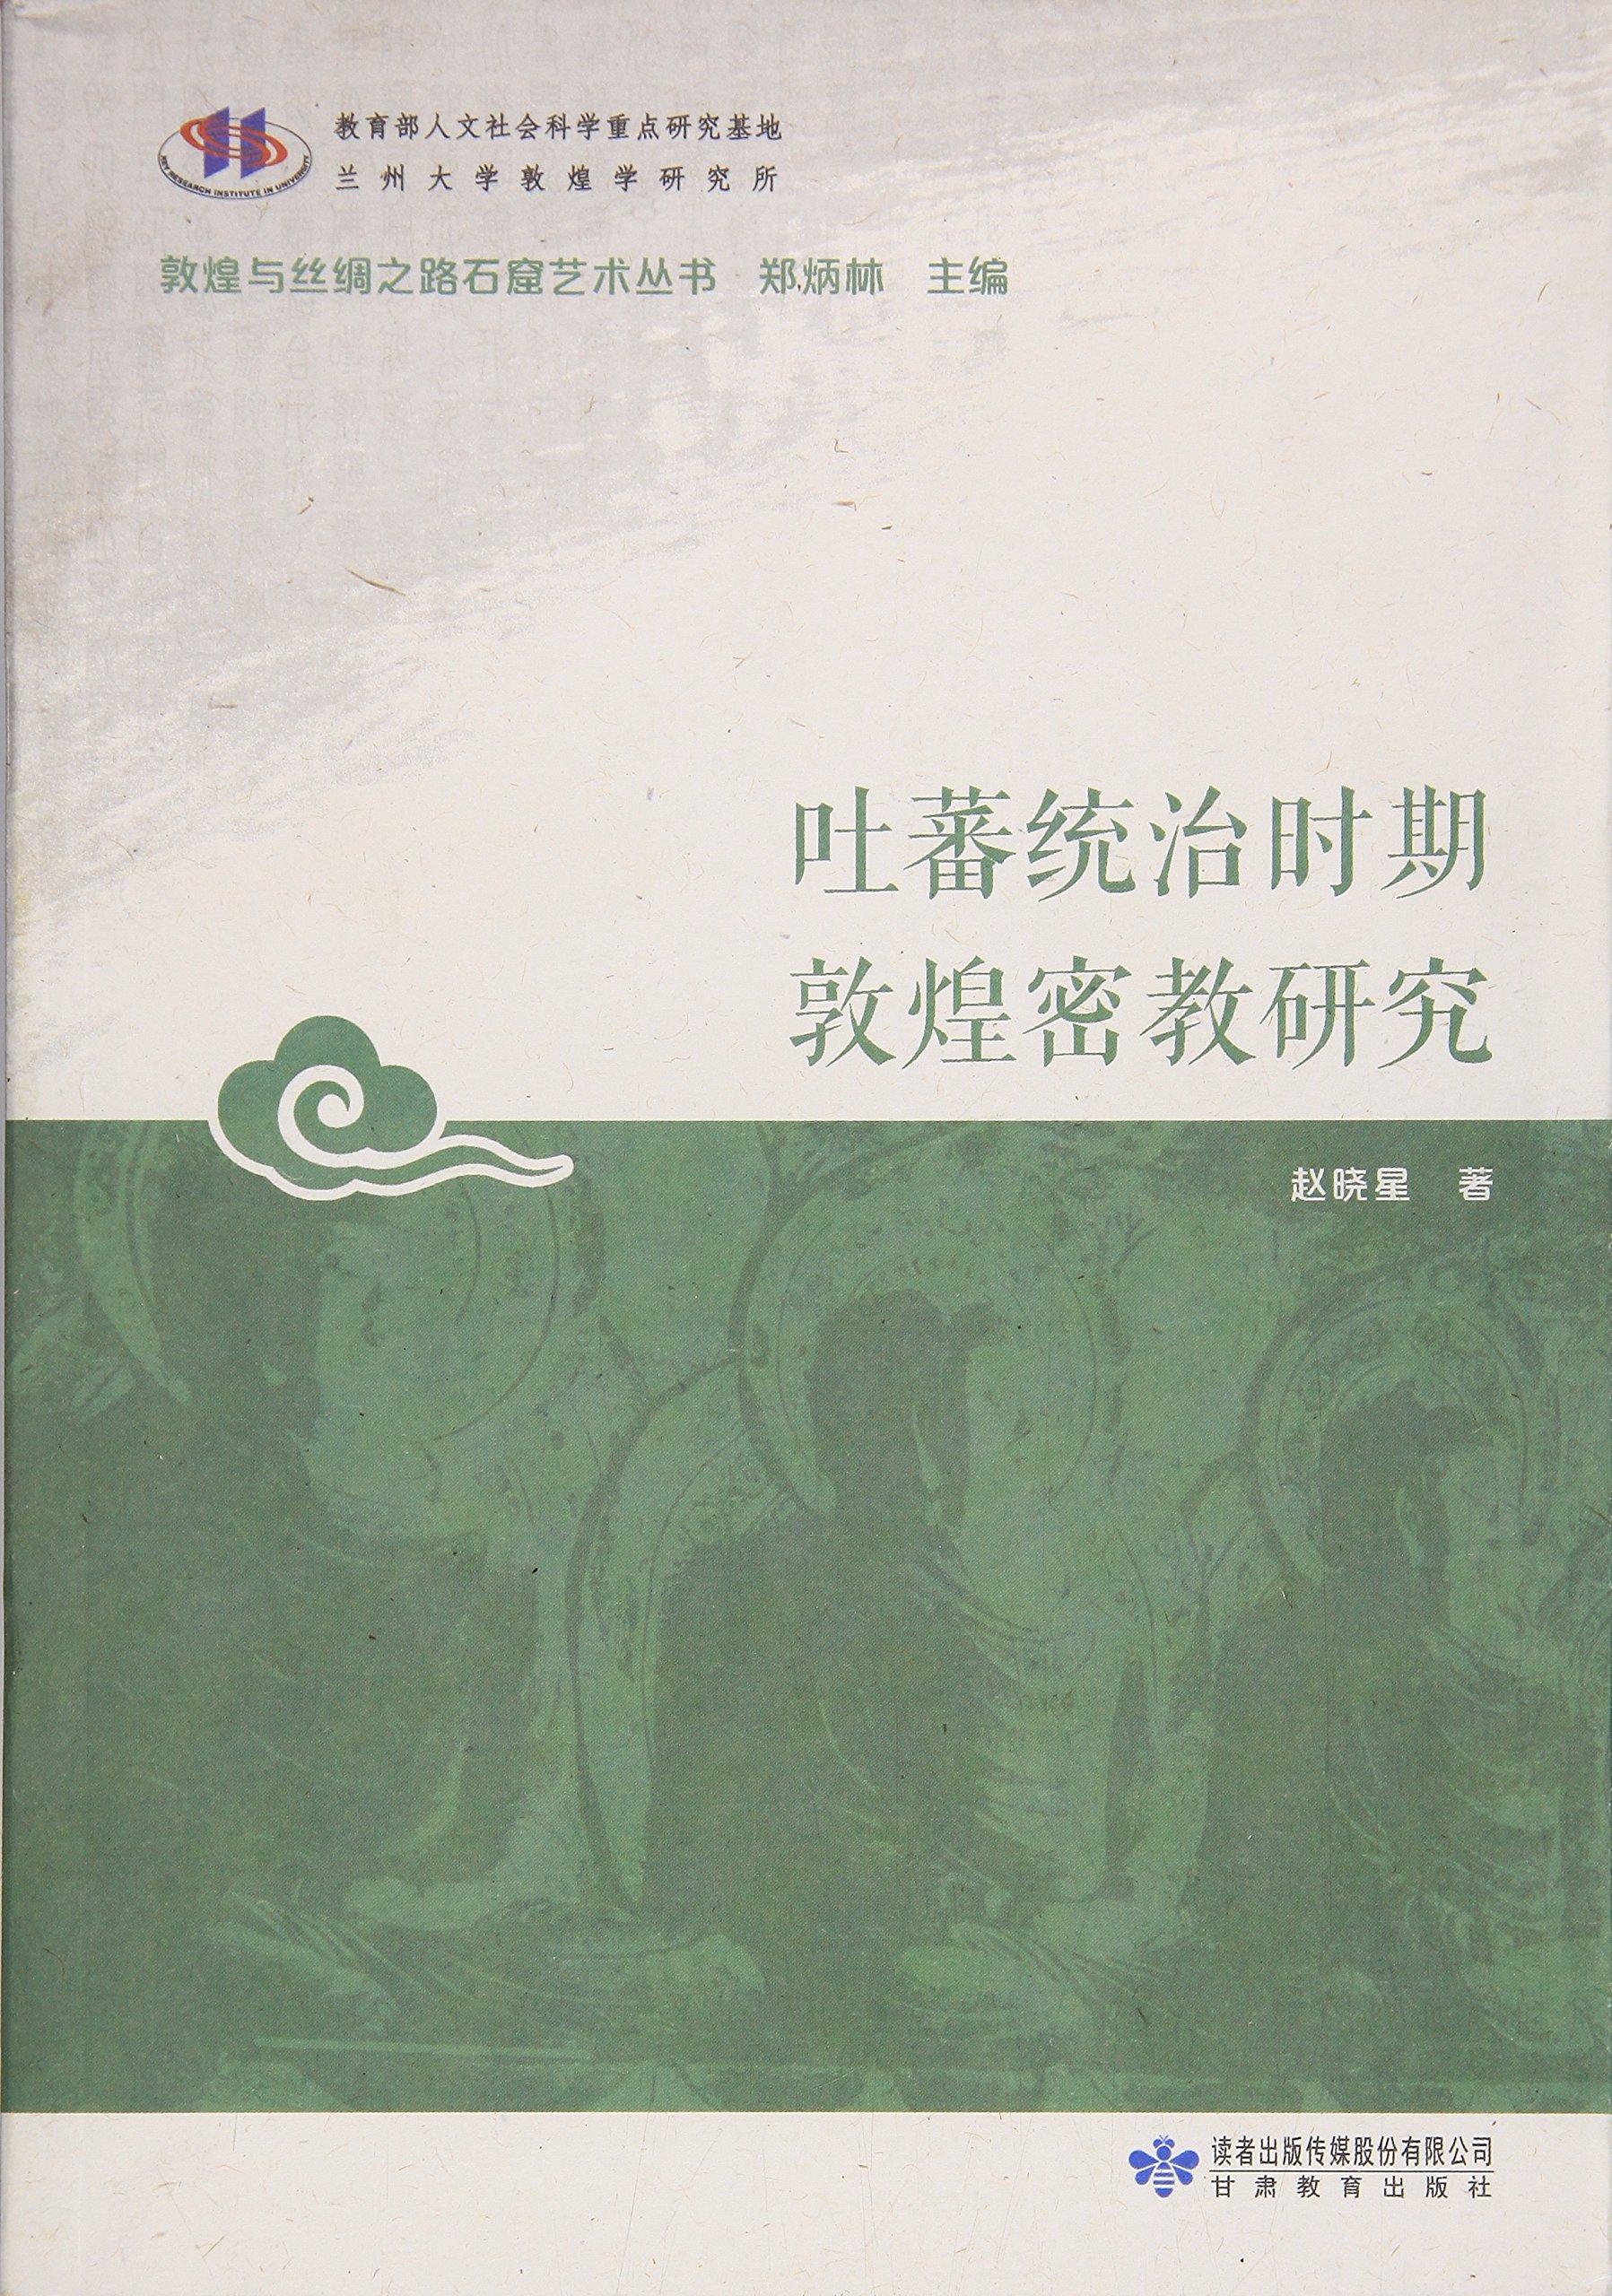 丝绸之路经济带经济一体化和五通建设研究/丝绸之路通鉴 pdf